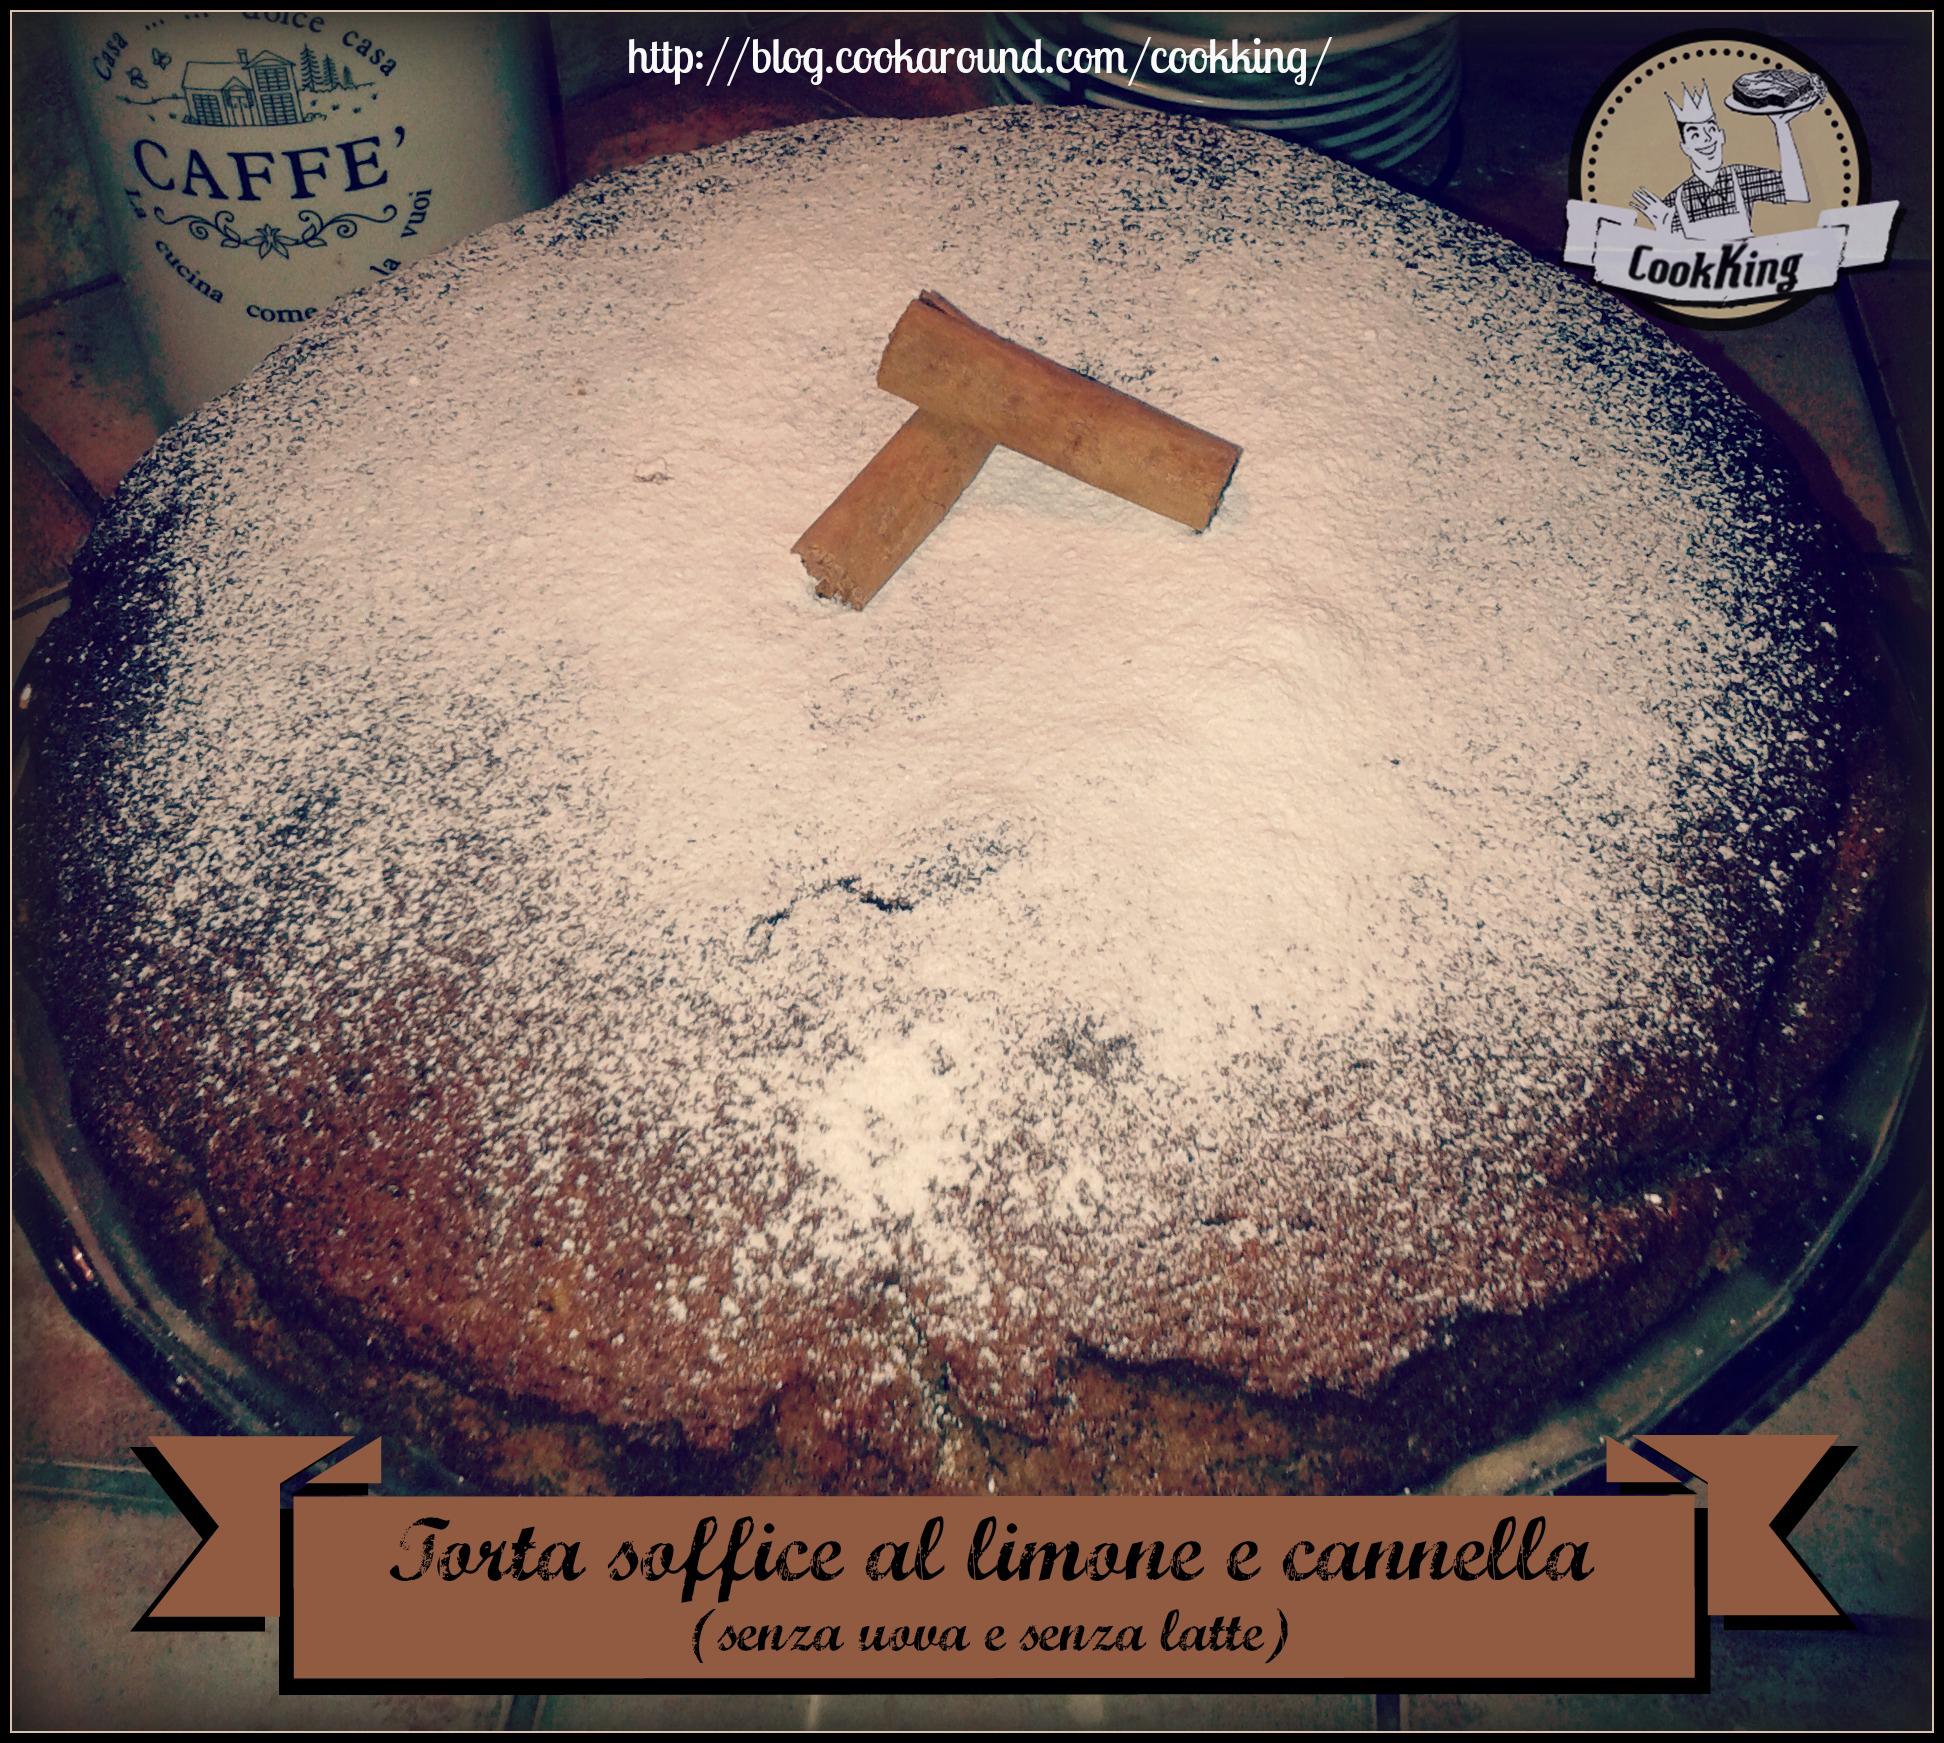 Torta soffice al limone e cannella (senza uova e senza latte)